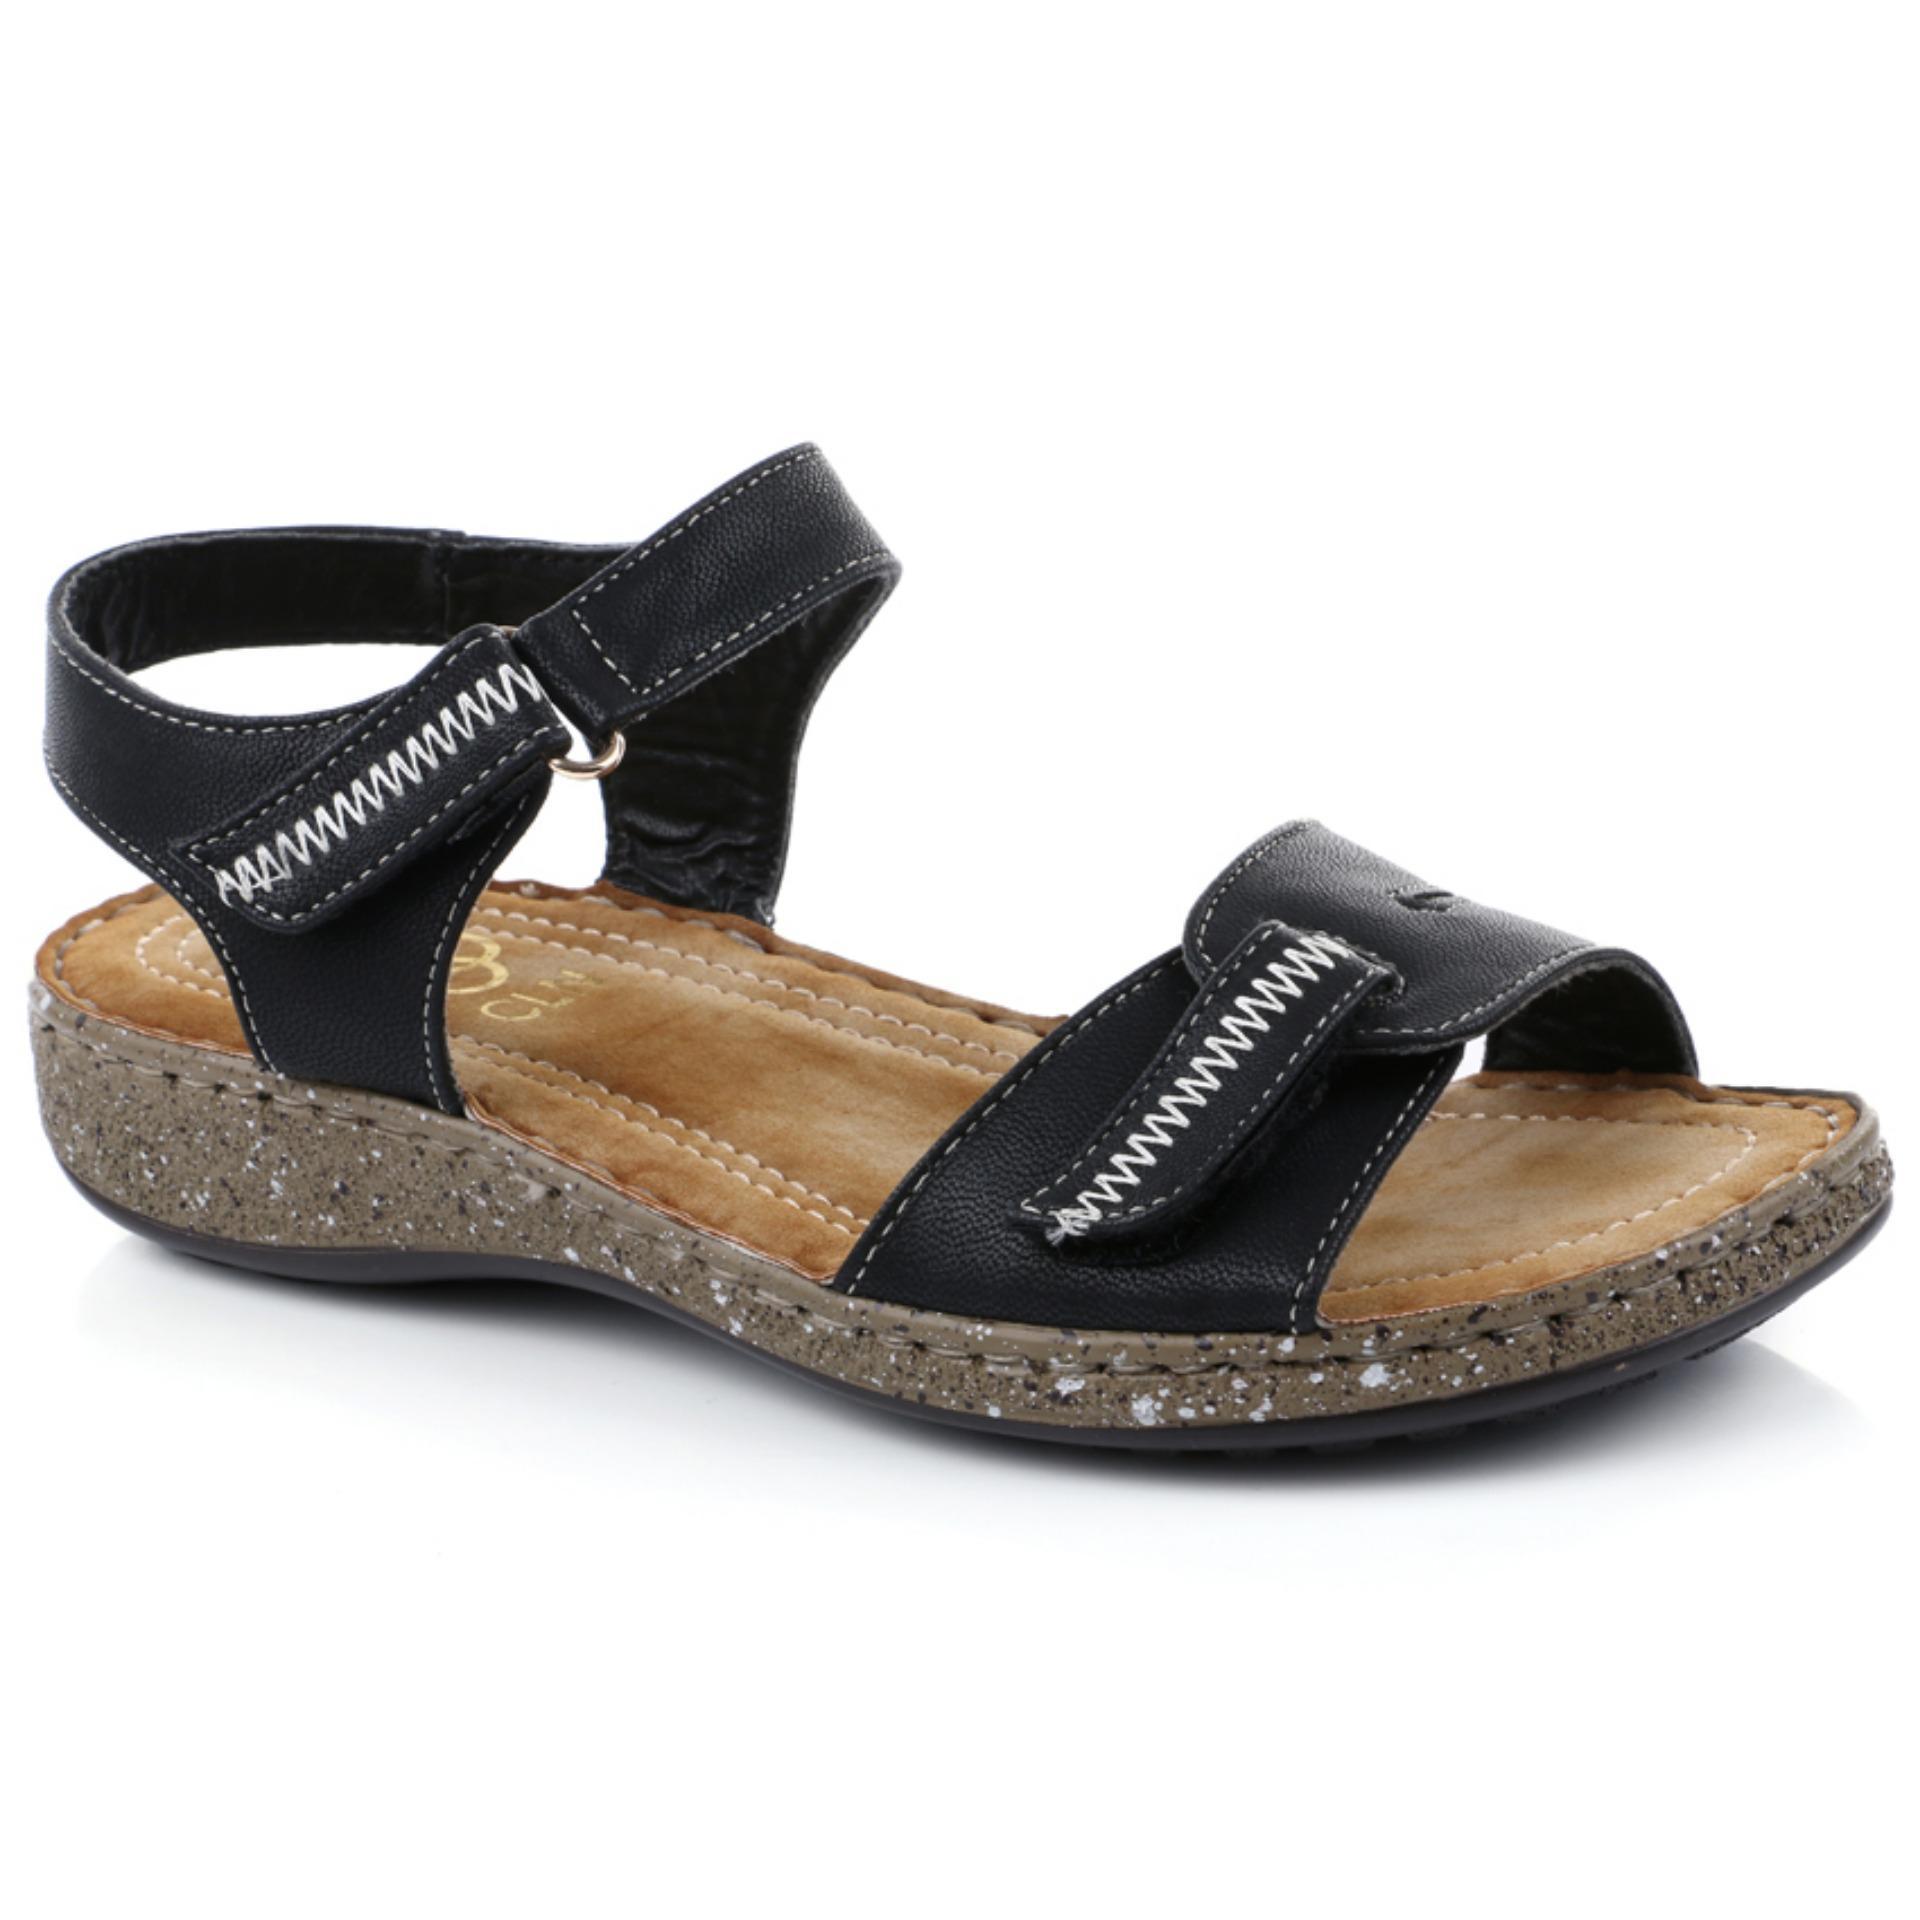 Cln shoes sandals philippines - Cln Shoes Sandals Philippines 35